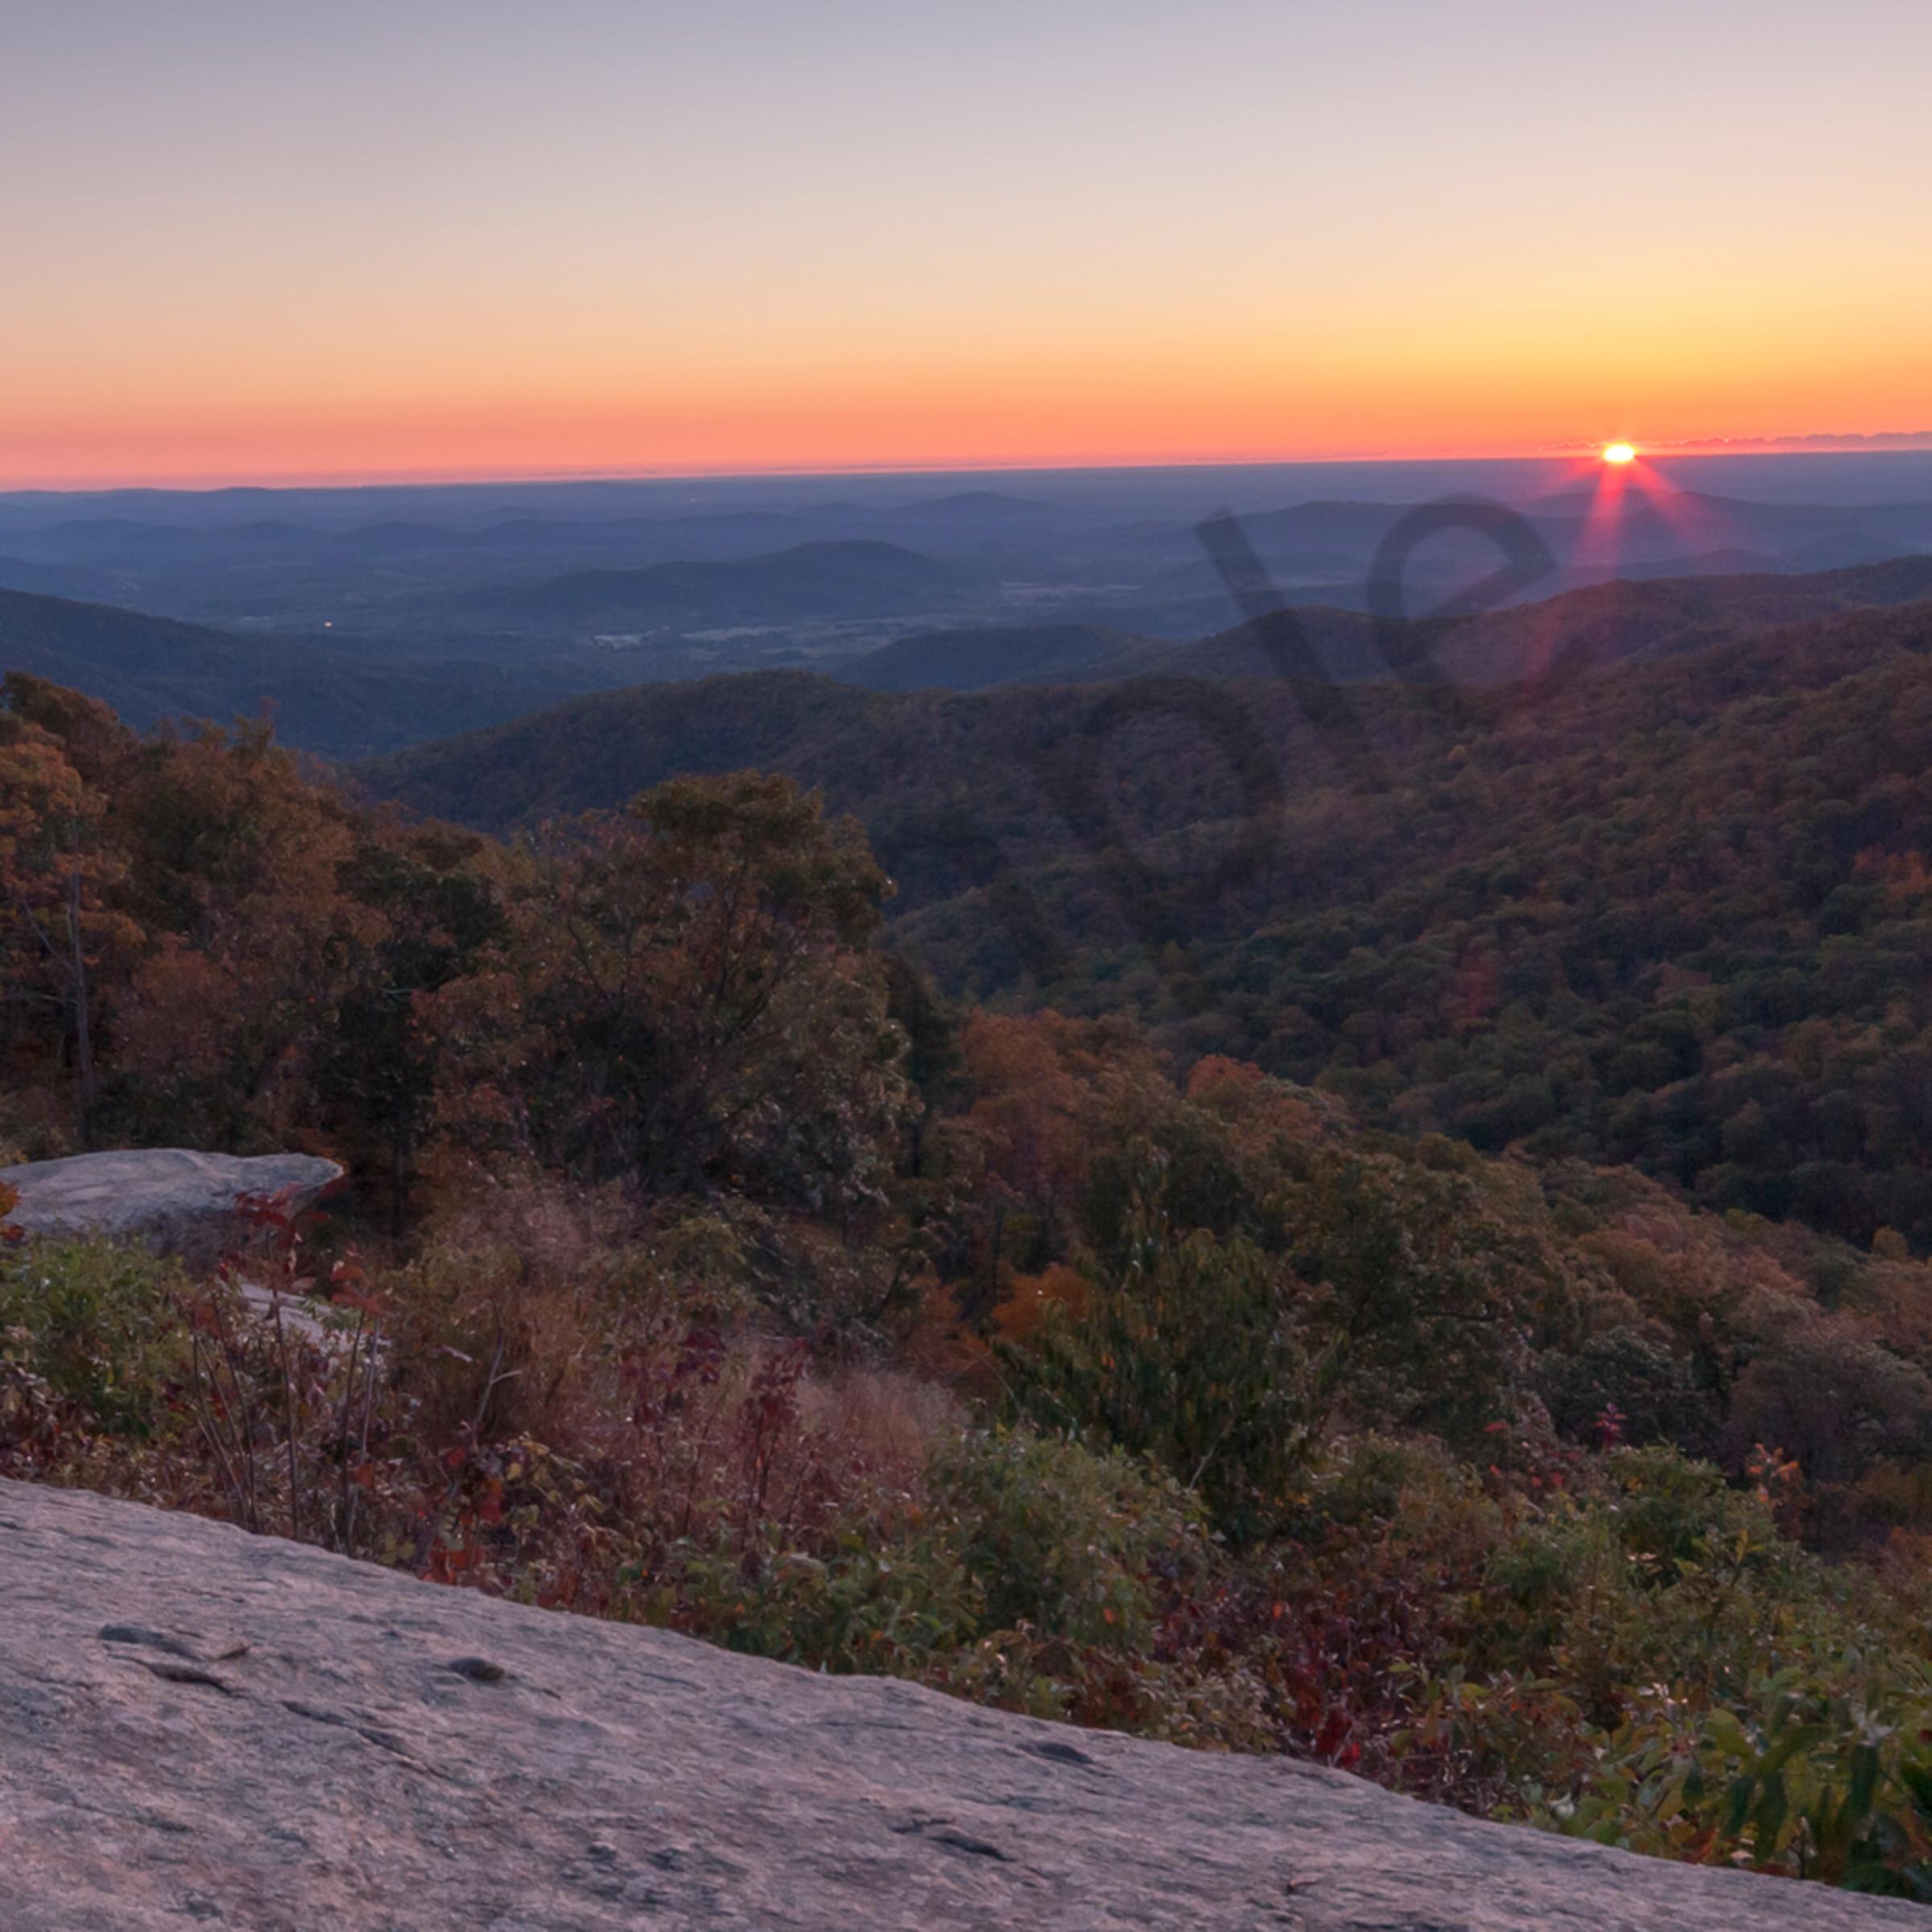 Shenandoah sunrise c ndboyh